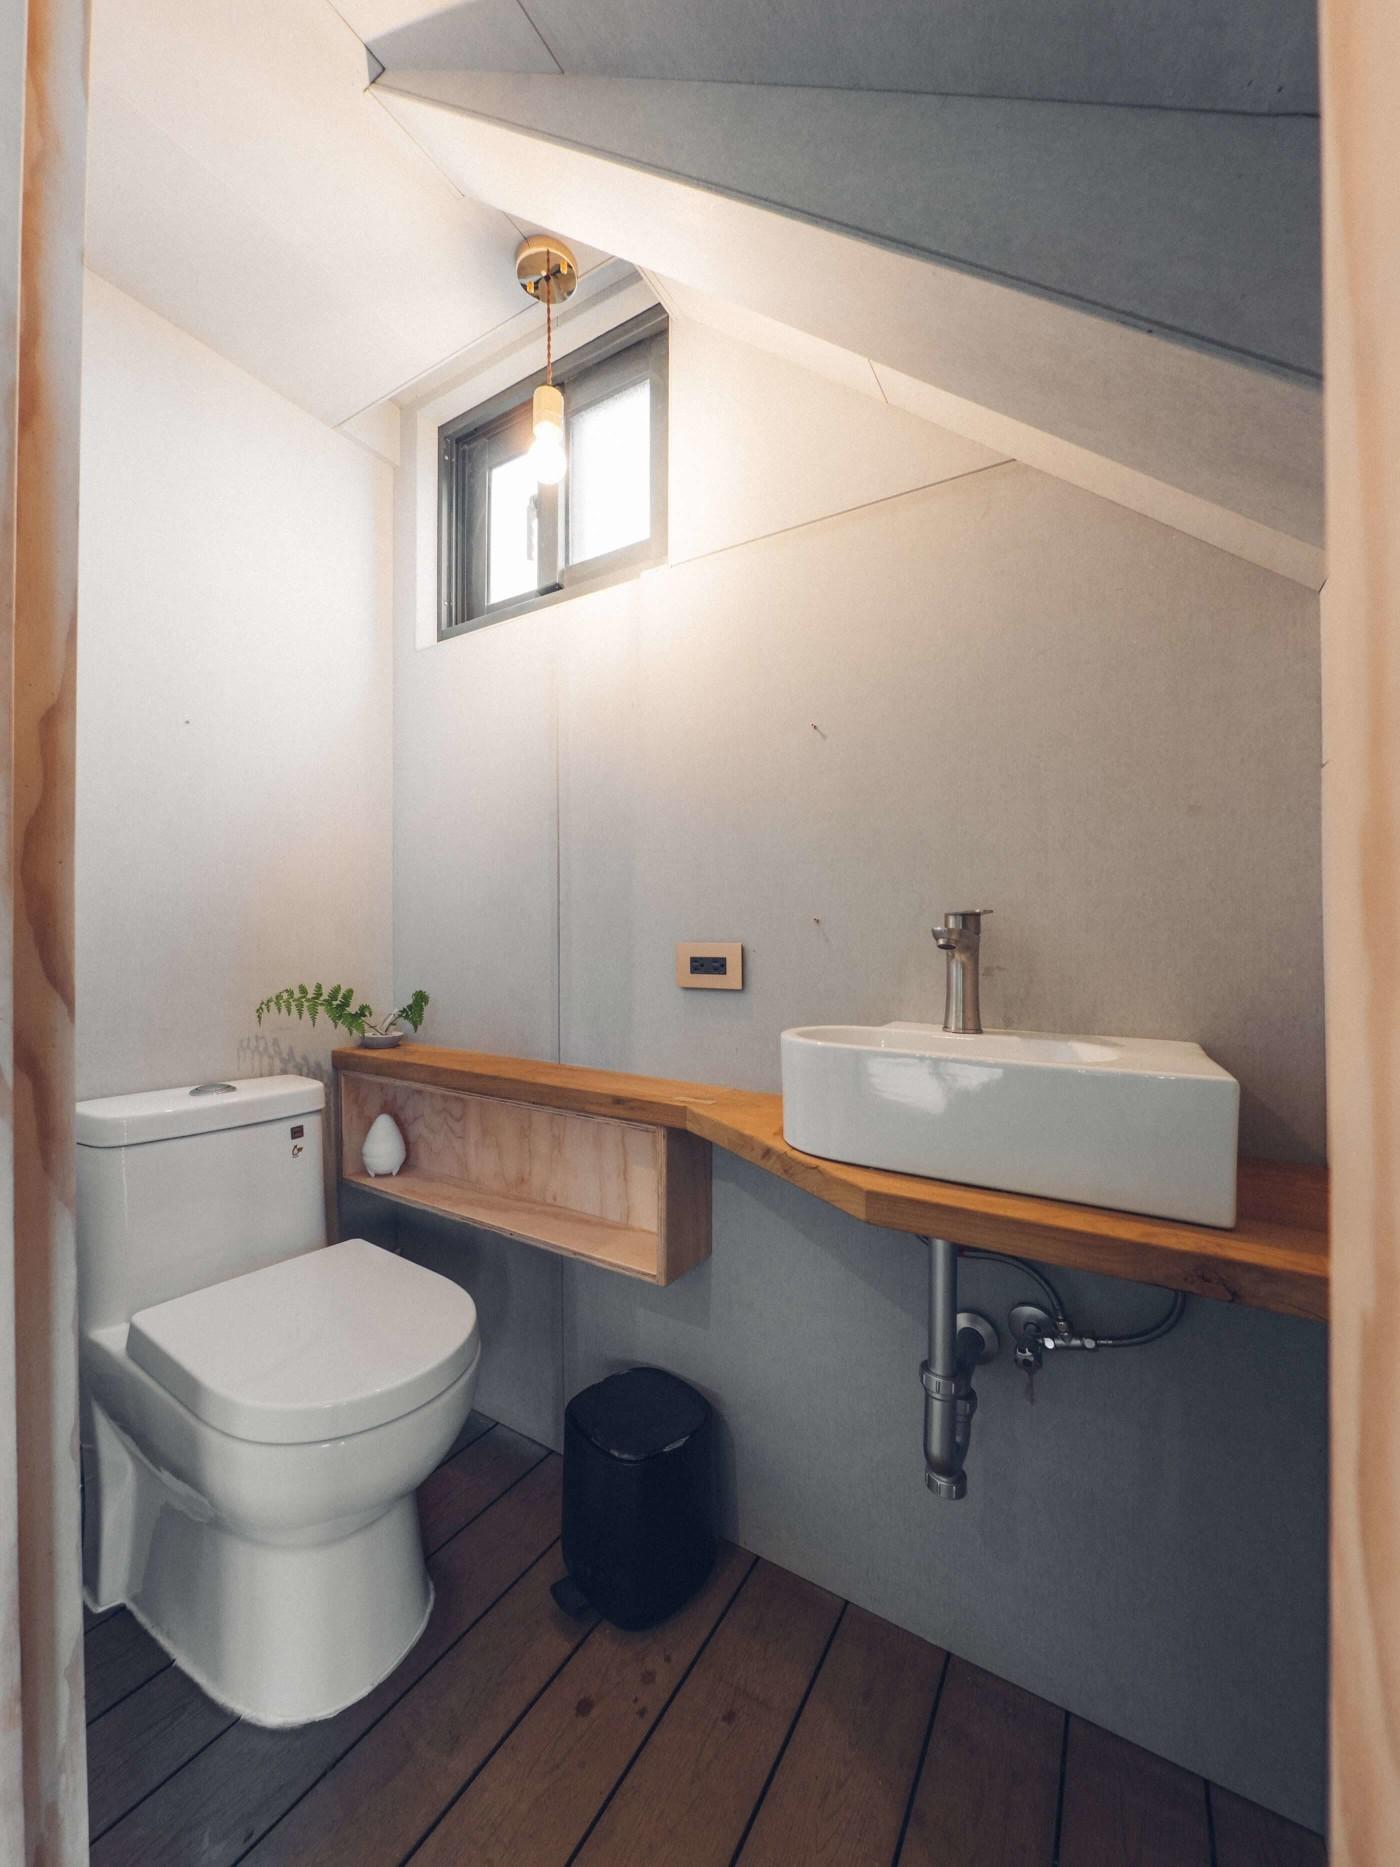 阿里山樟樹湖山角鐵茶屋廁所設計